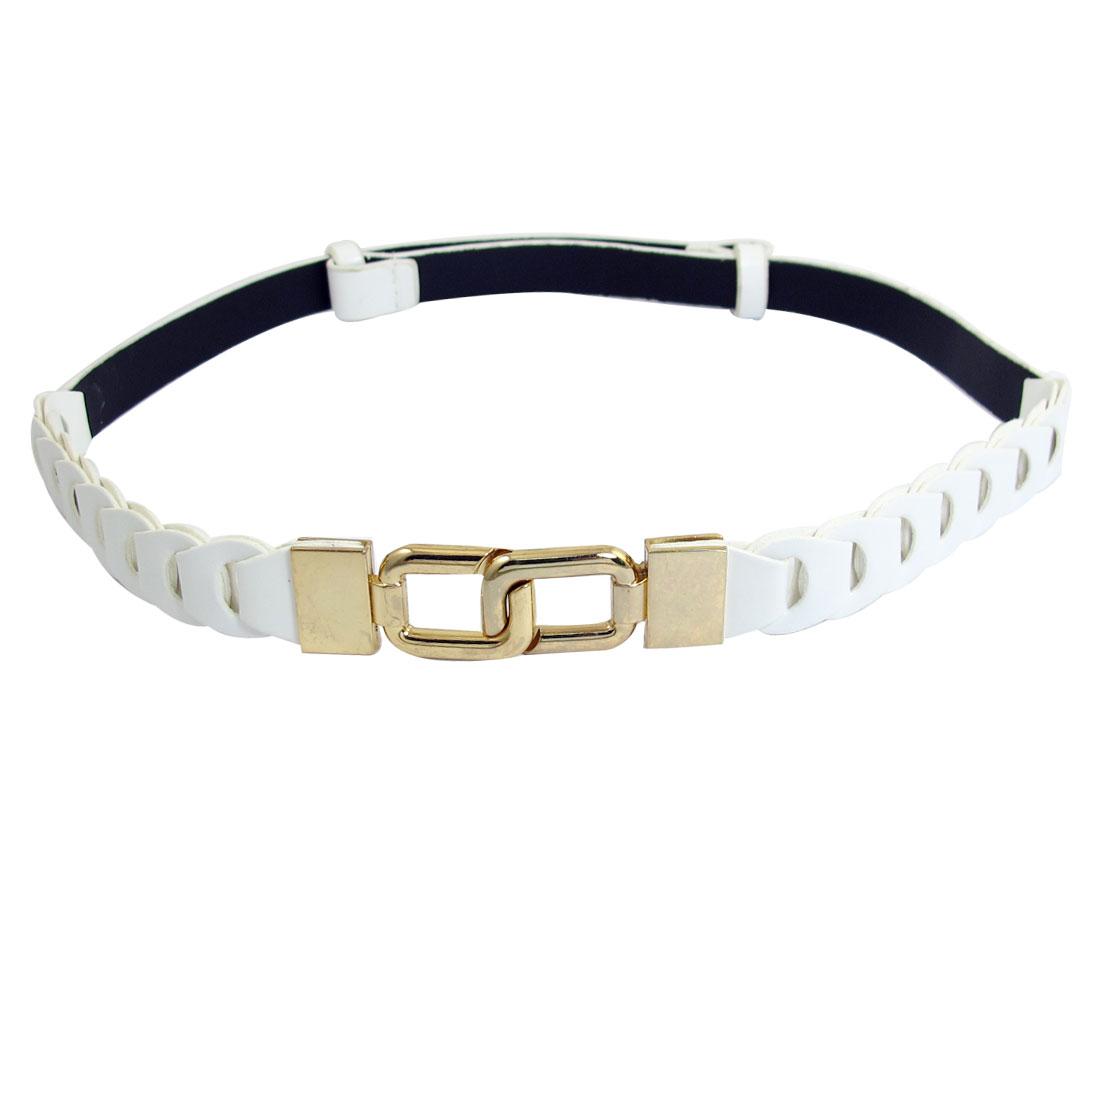 Ladies Eight Design Interlocking Buckle White Faux Leather Adjustable Waist Belt